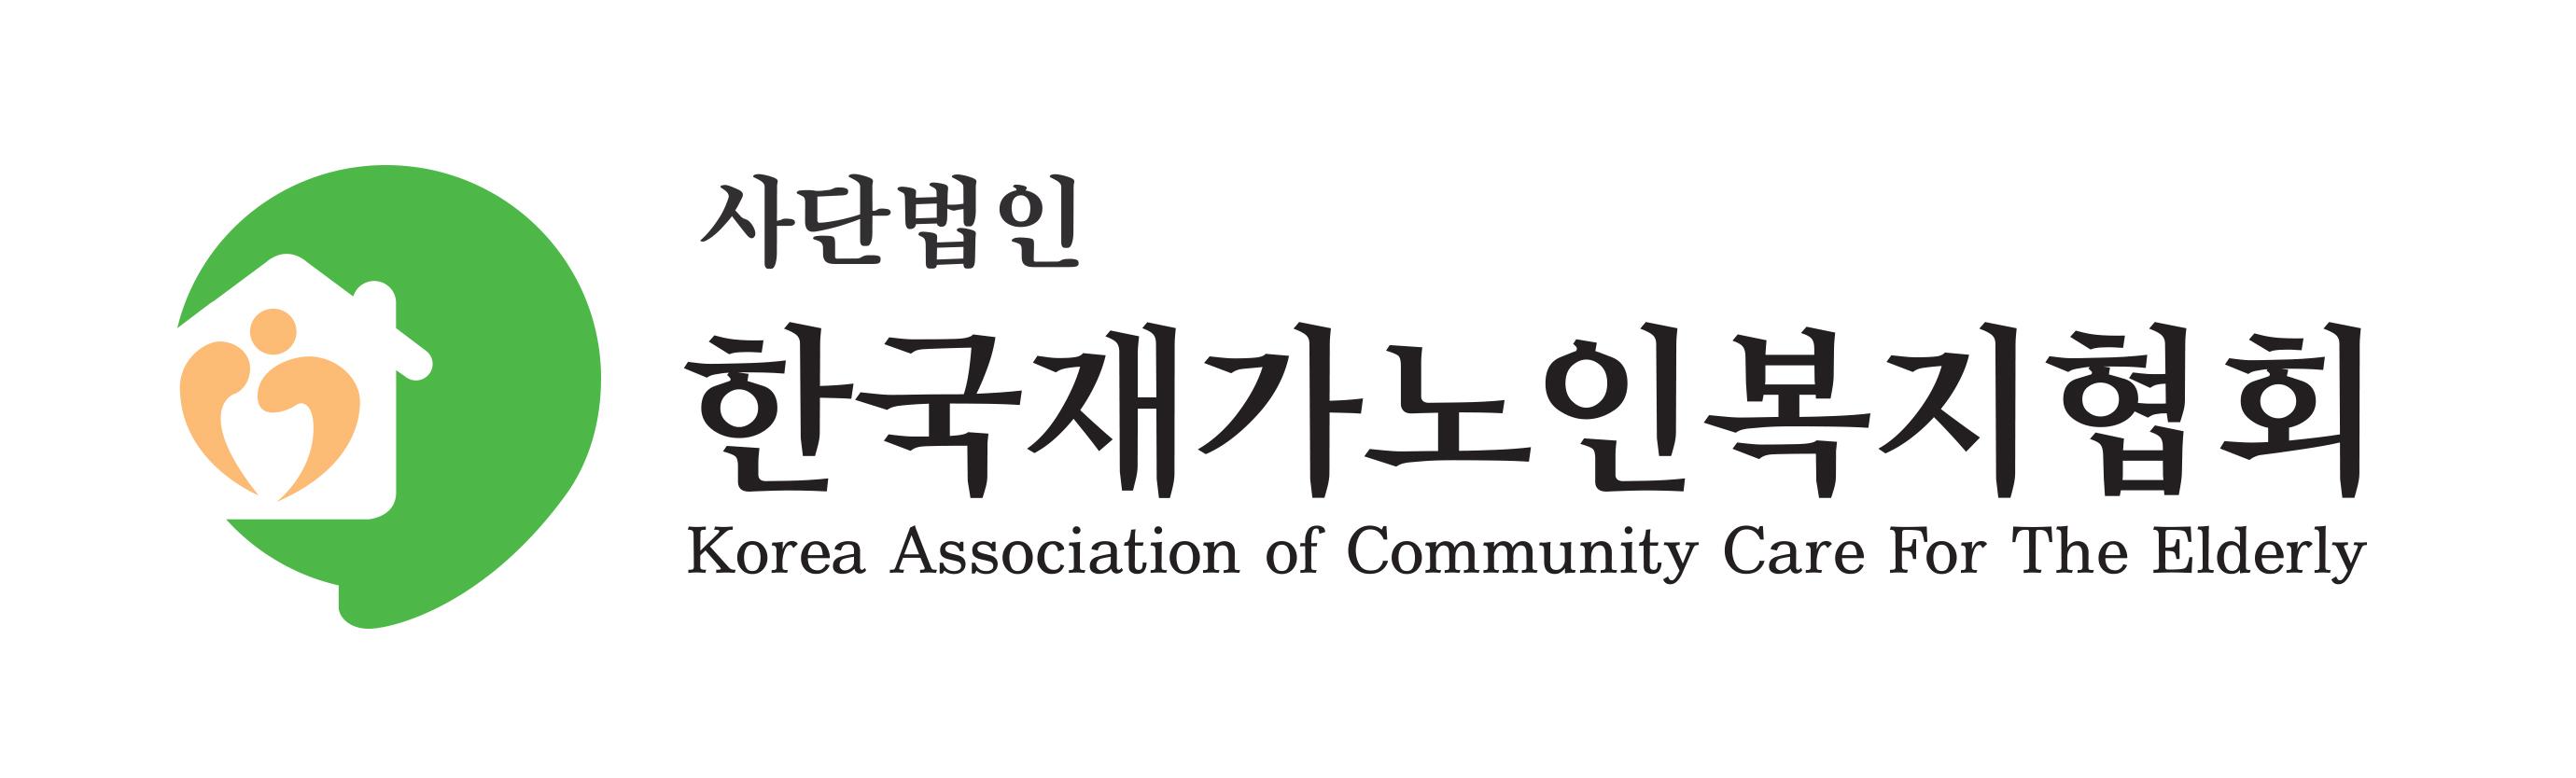 (사)한국재가노인복지협회의 기업로고